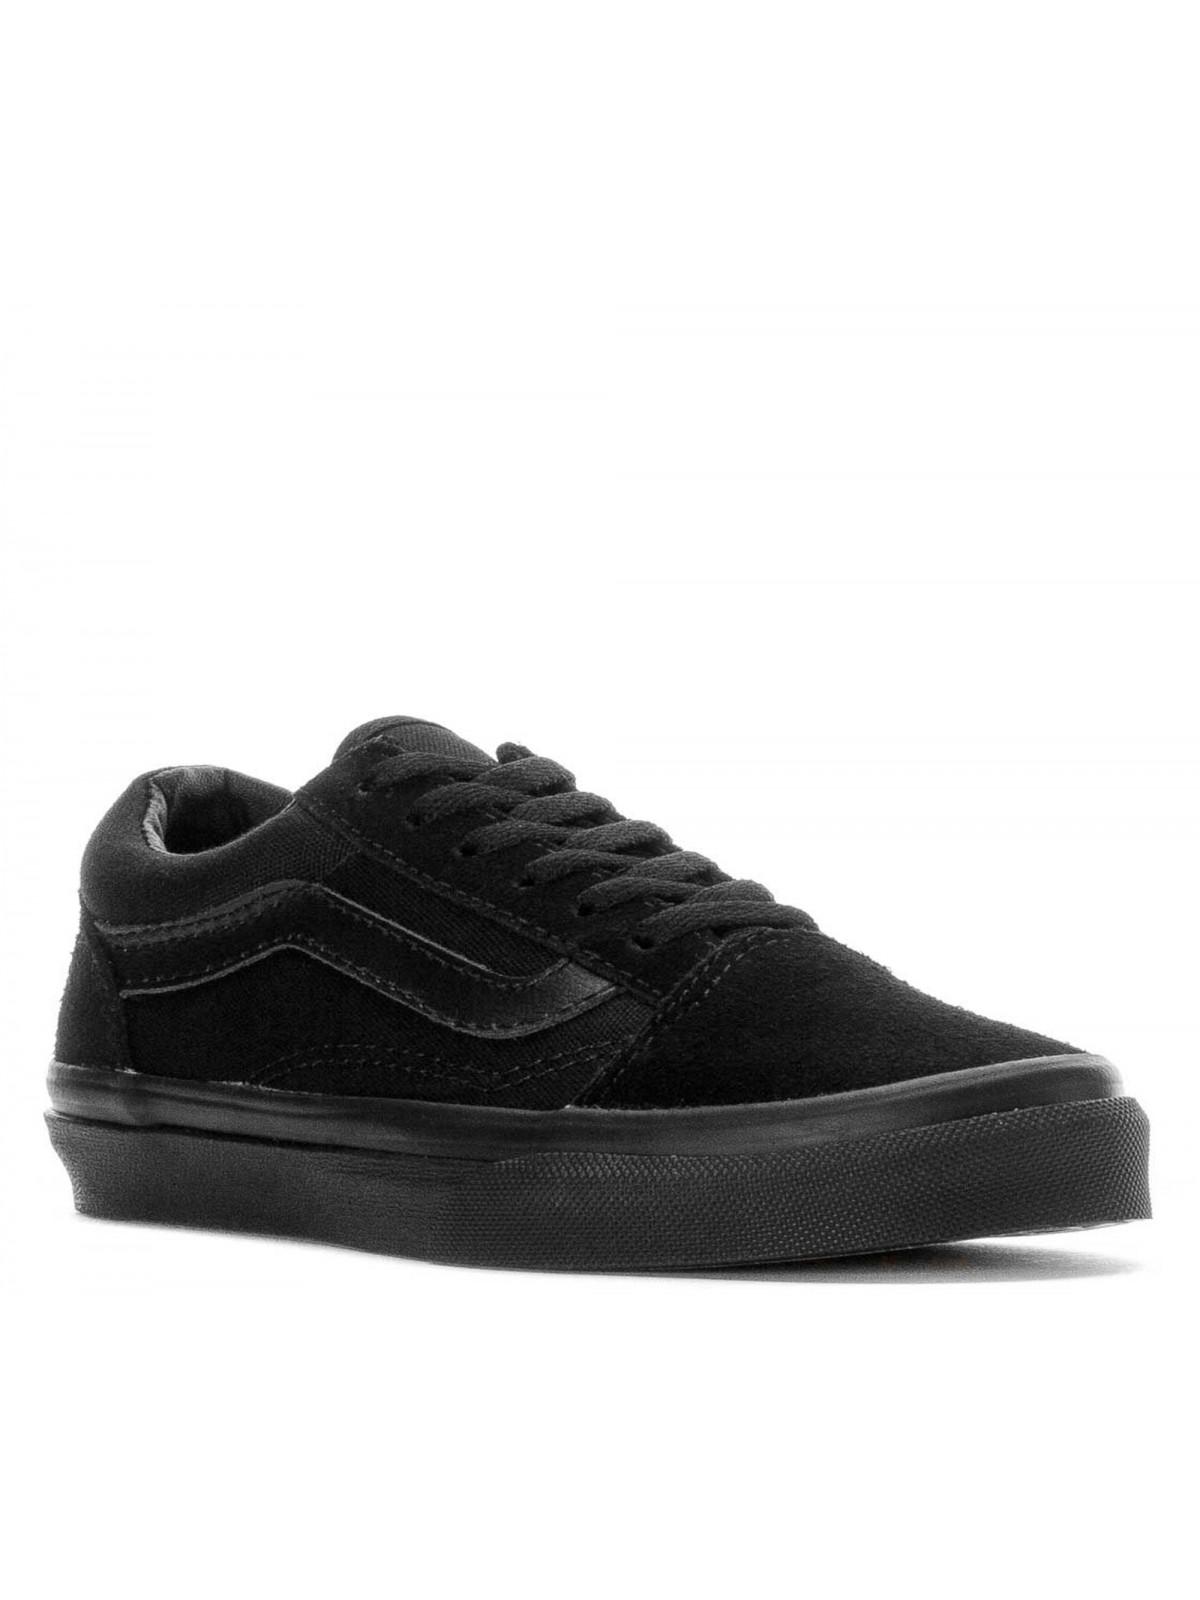 Vans Old Skool Cadet monochrome noir